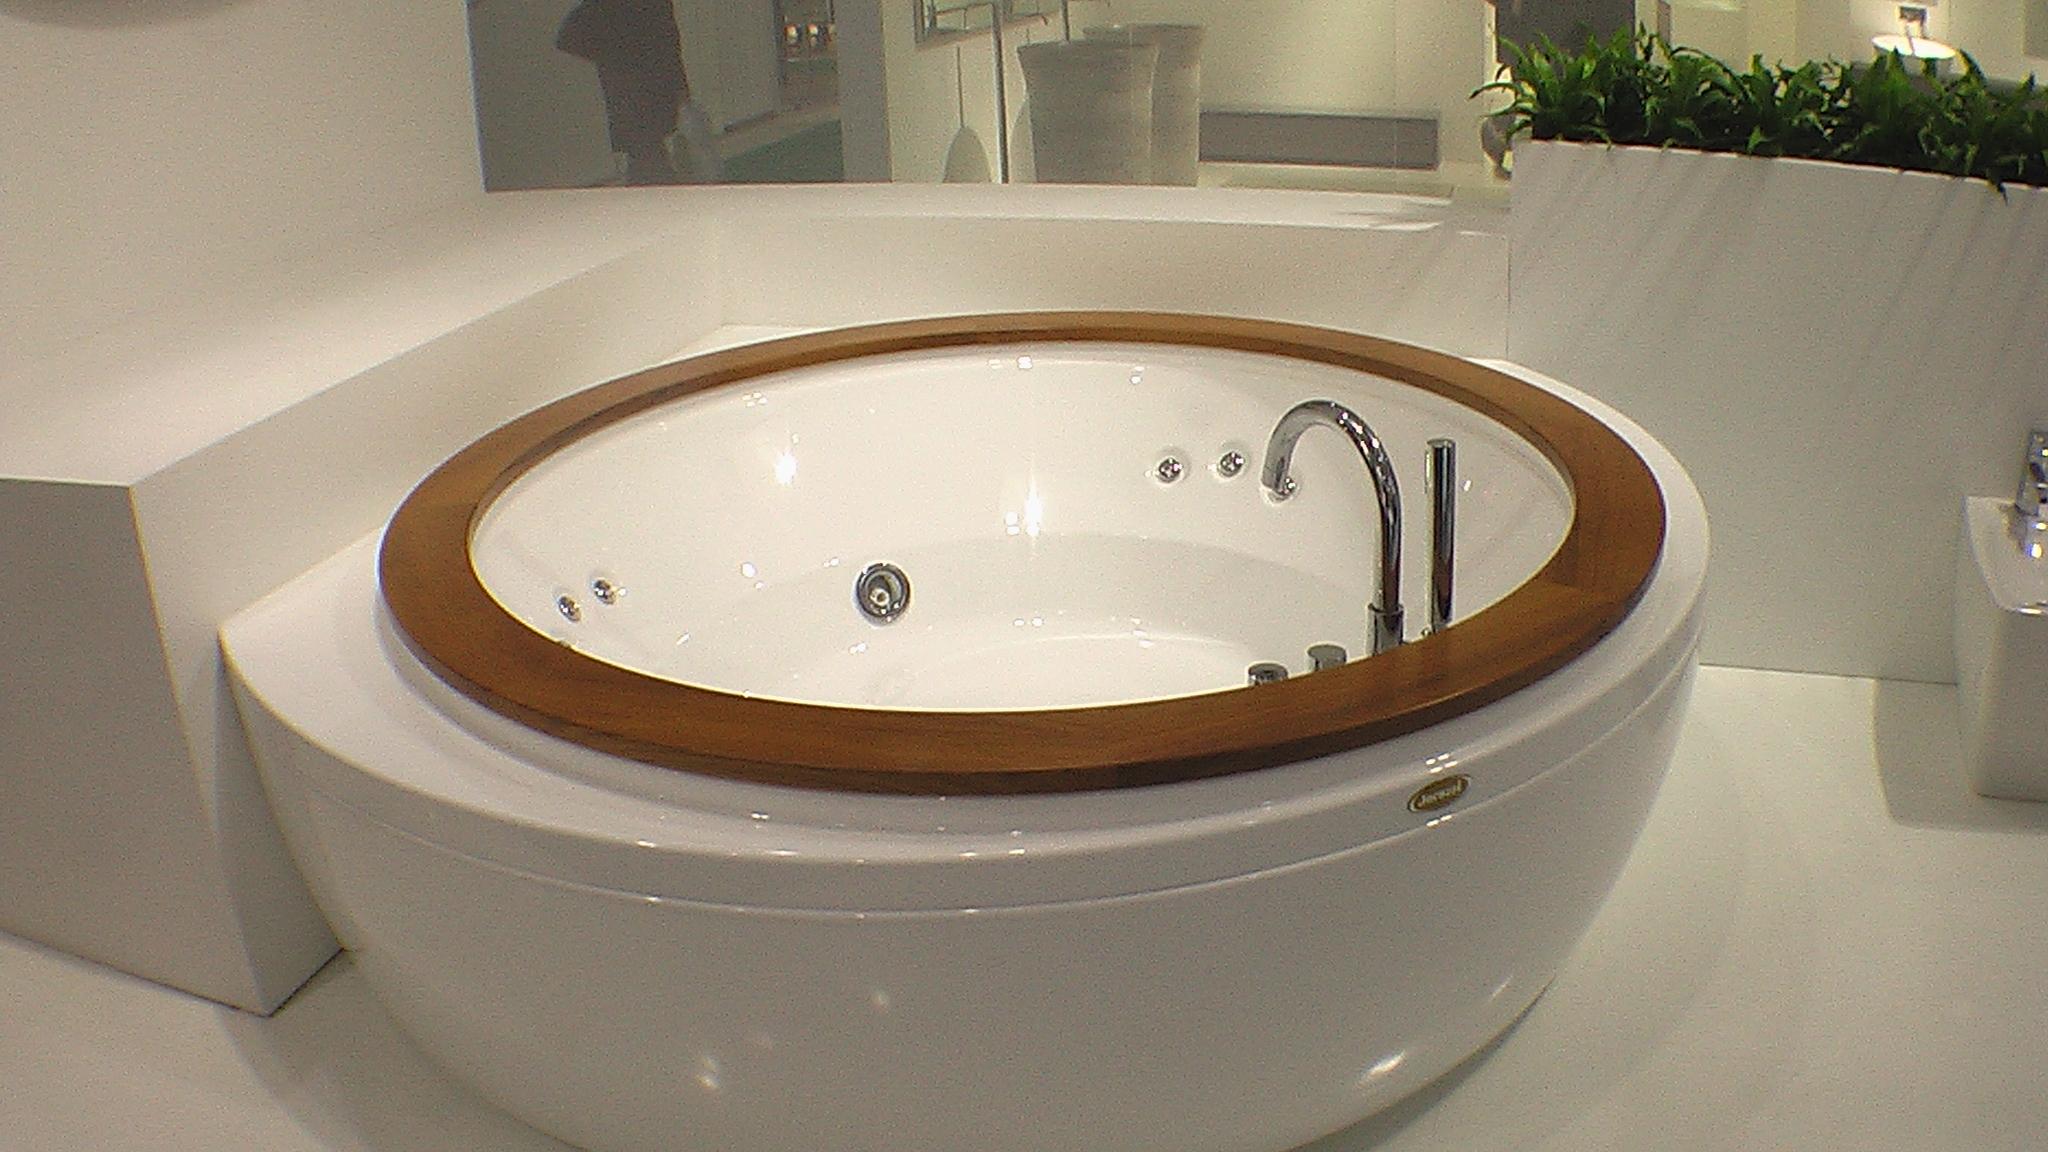 Круглая джакузи для установки в центре большой ванной комнаты